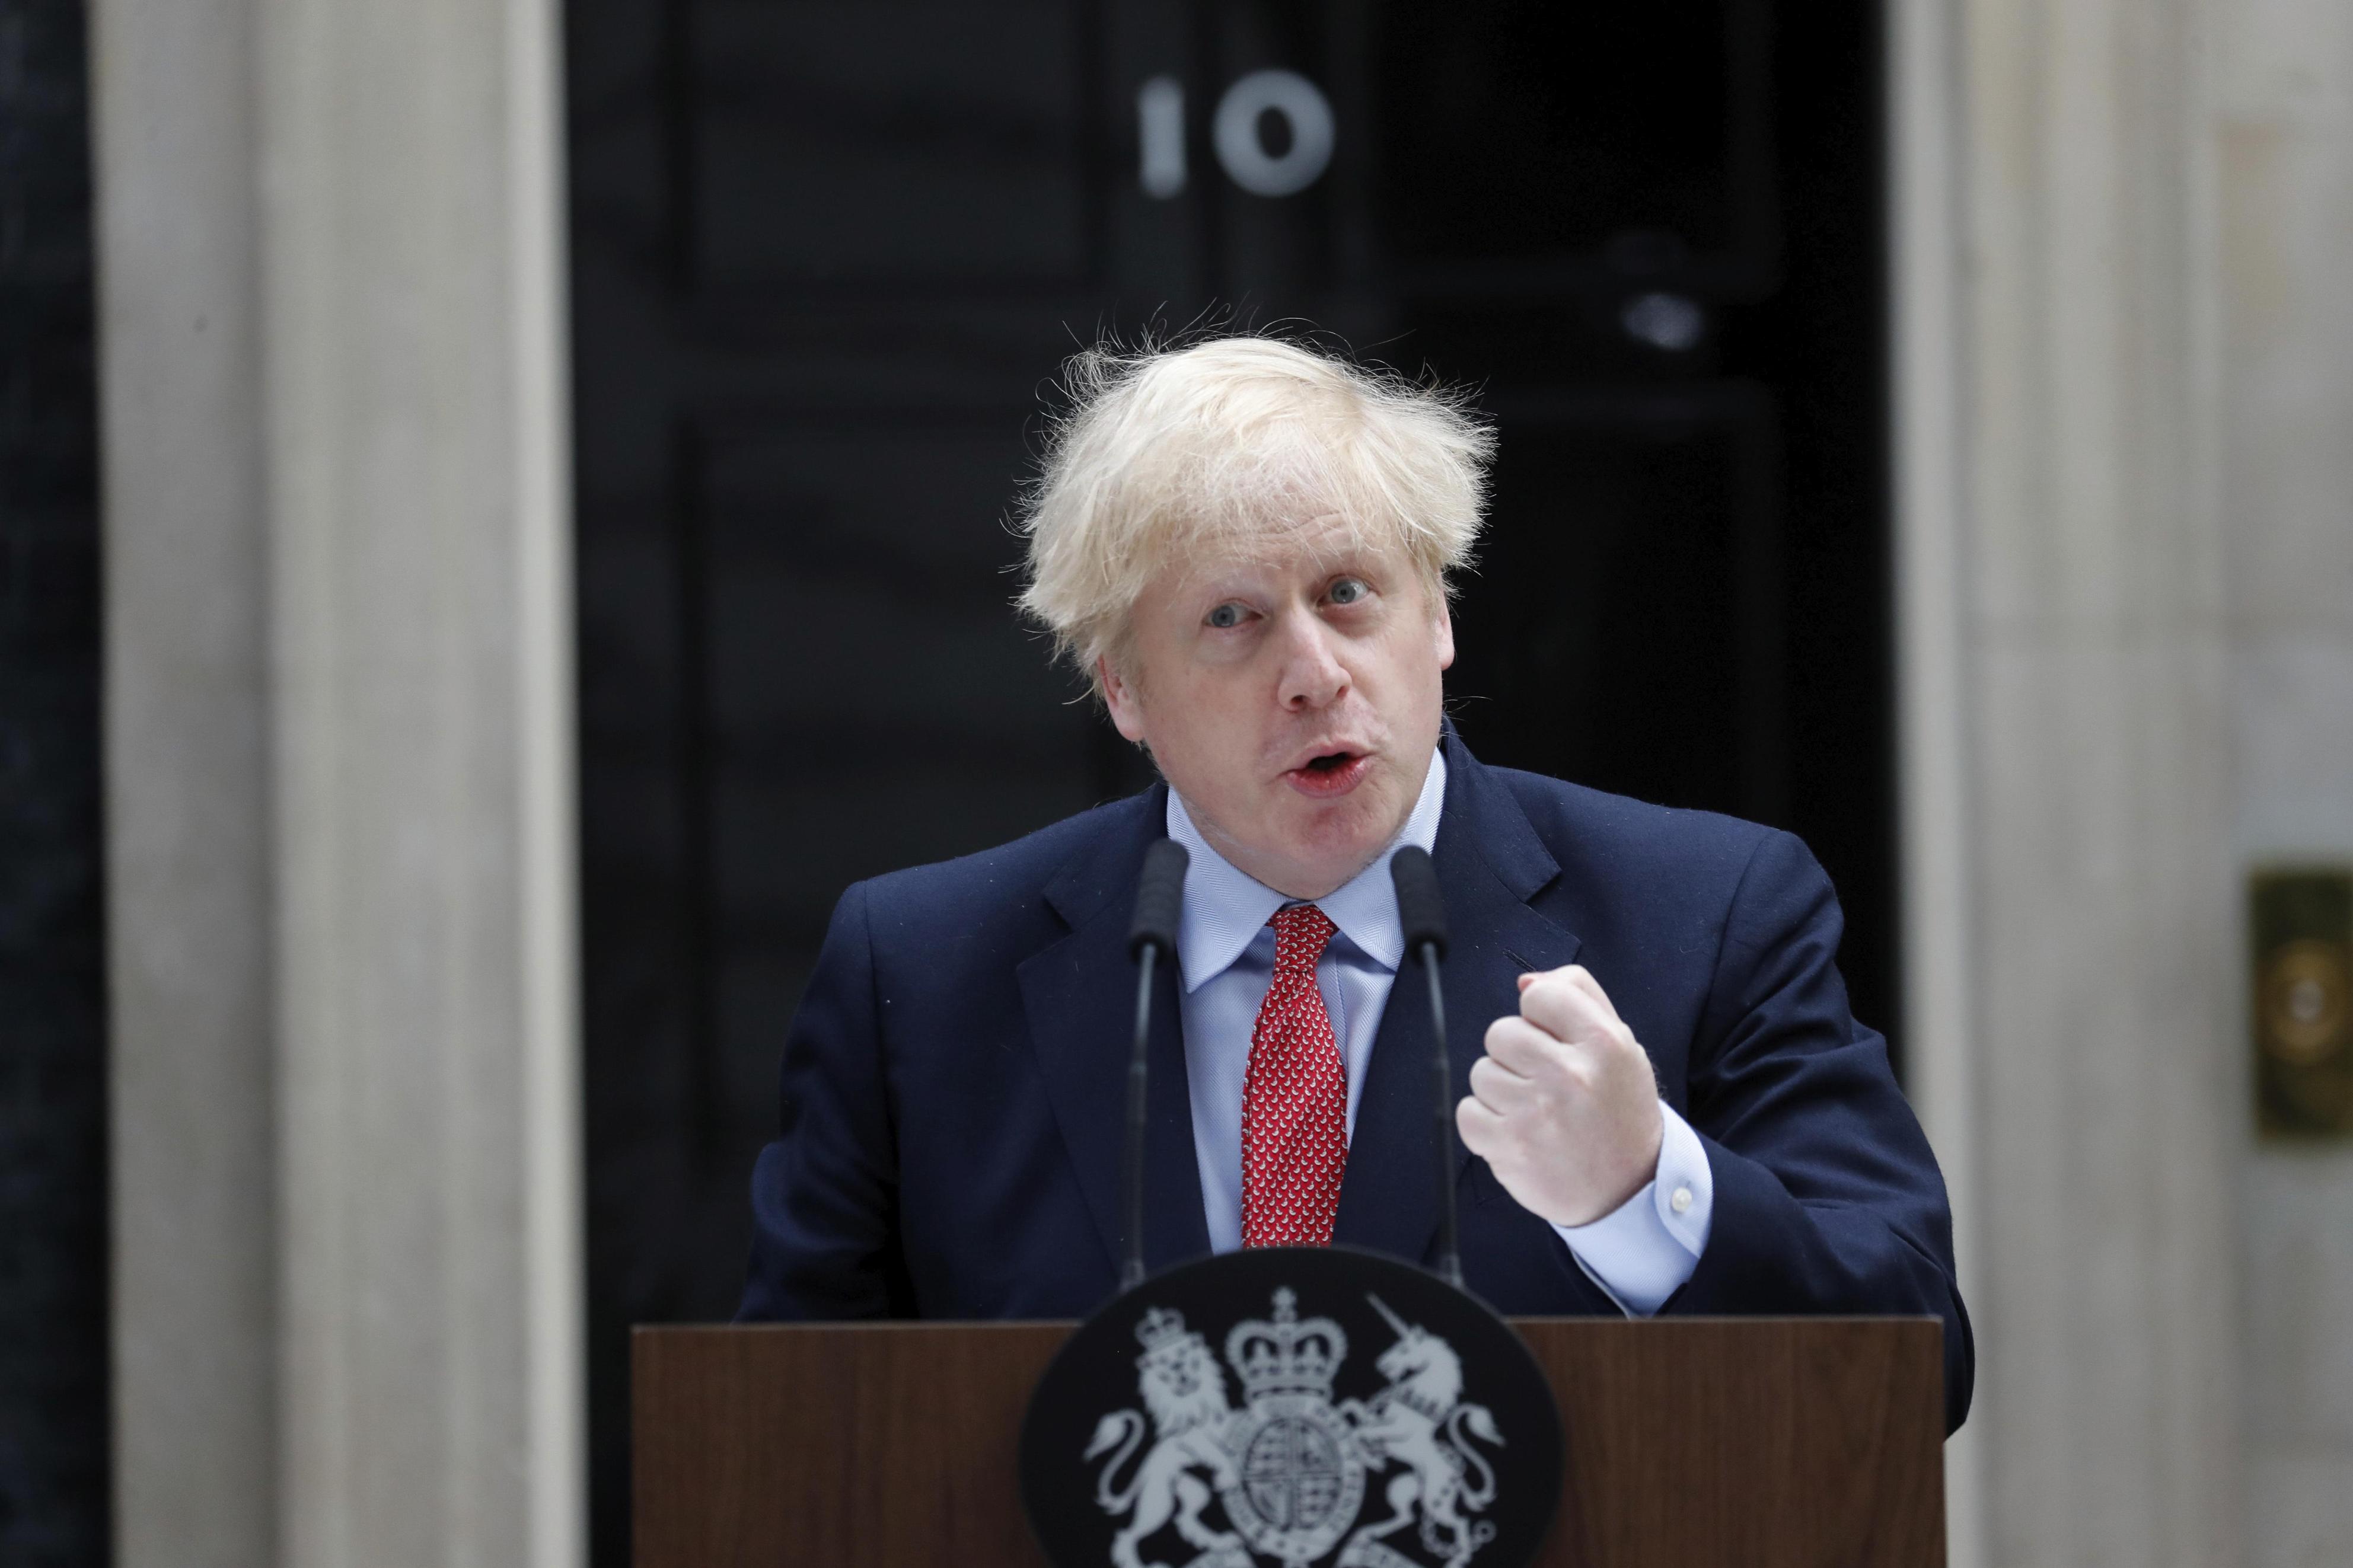 英首相官邸前で声明を読み上げるジョンソン首相=27日、ロンドン(AP=共同)